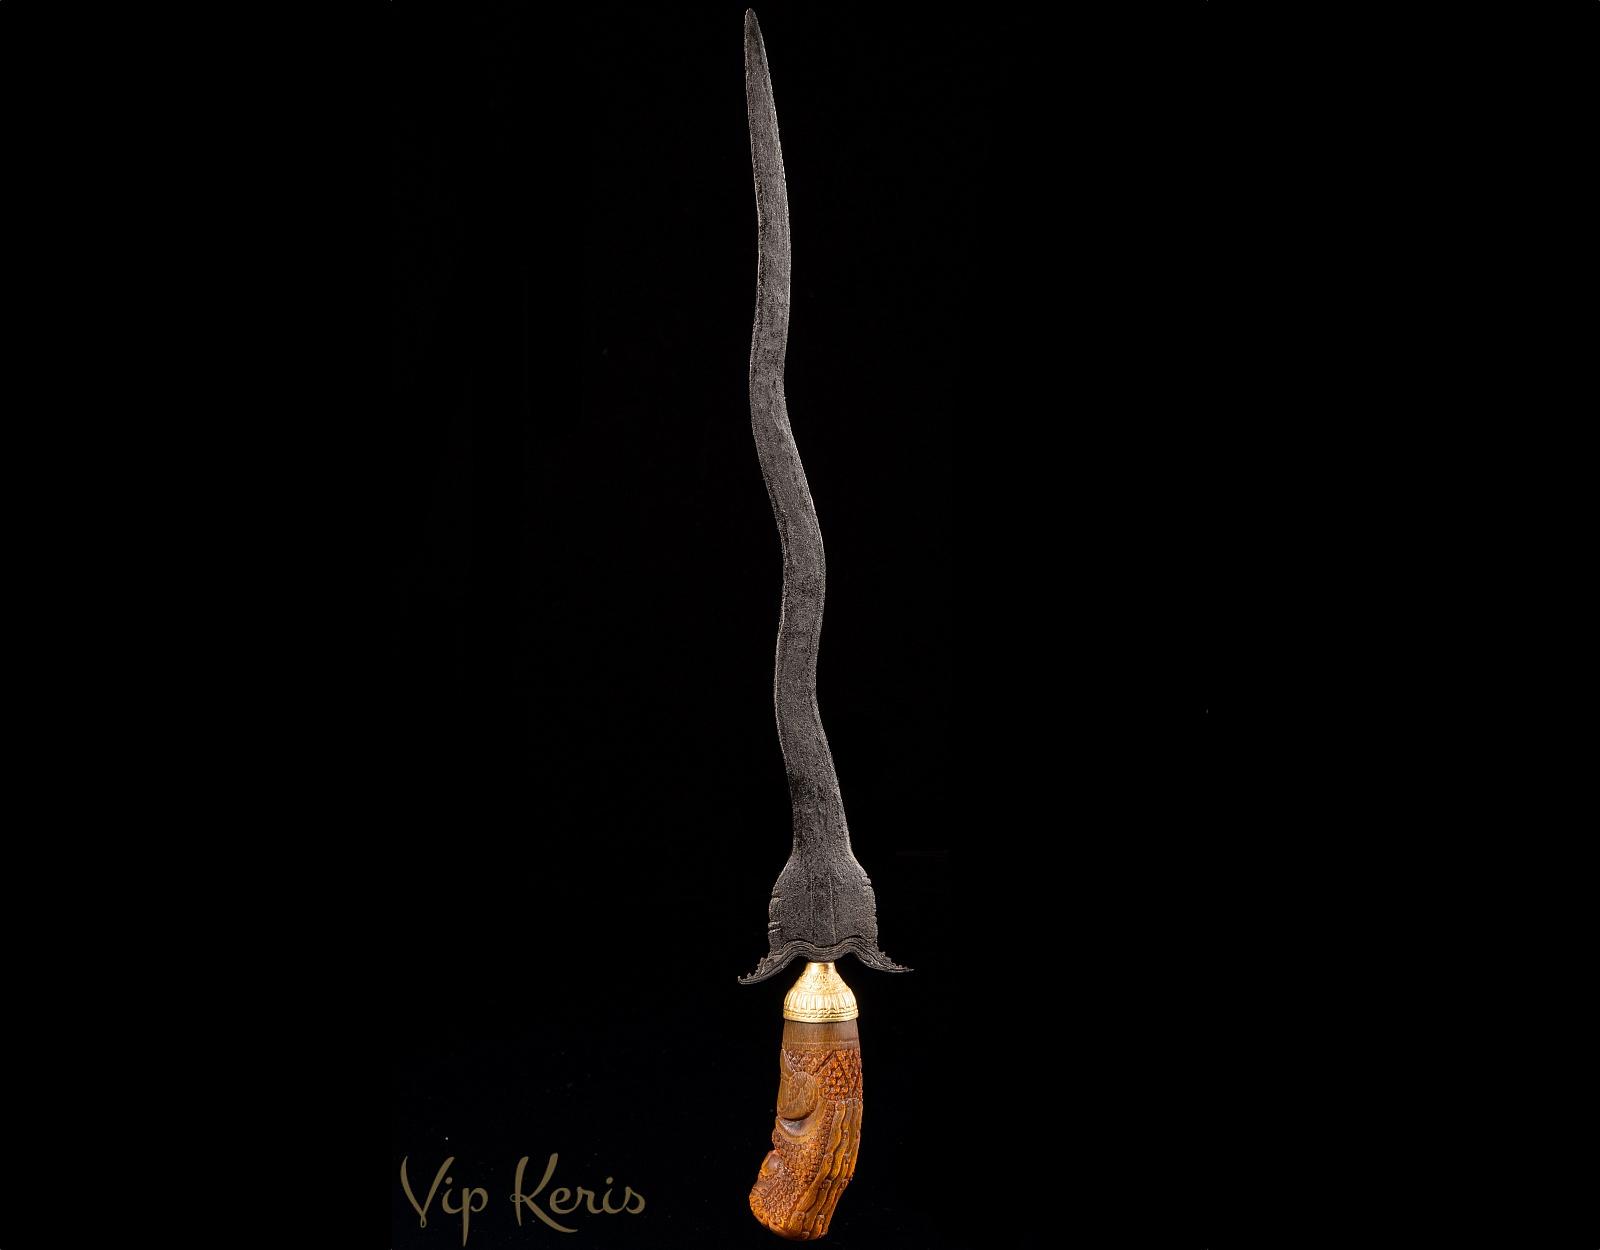 Yuyu Rumpung, волшебник, работа с стией Жизнь фото VipKeris